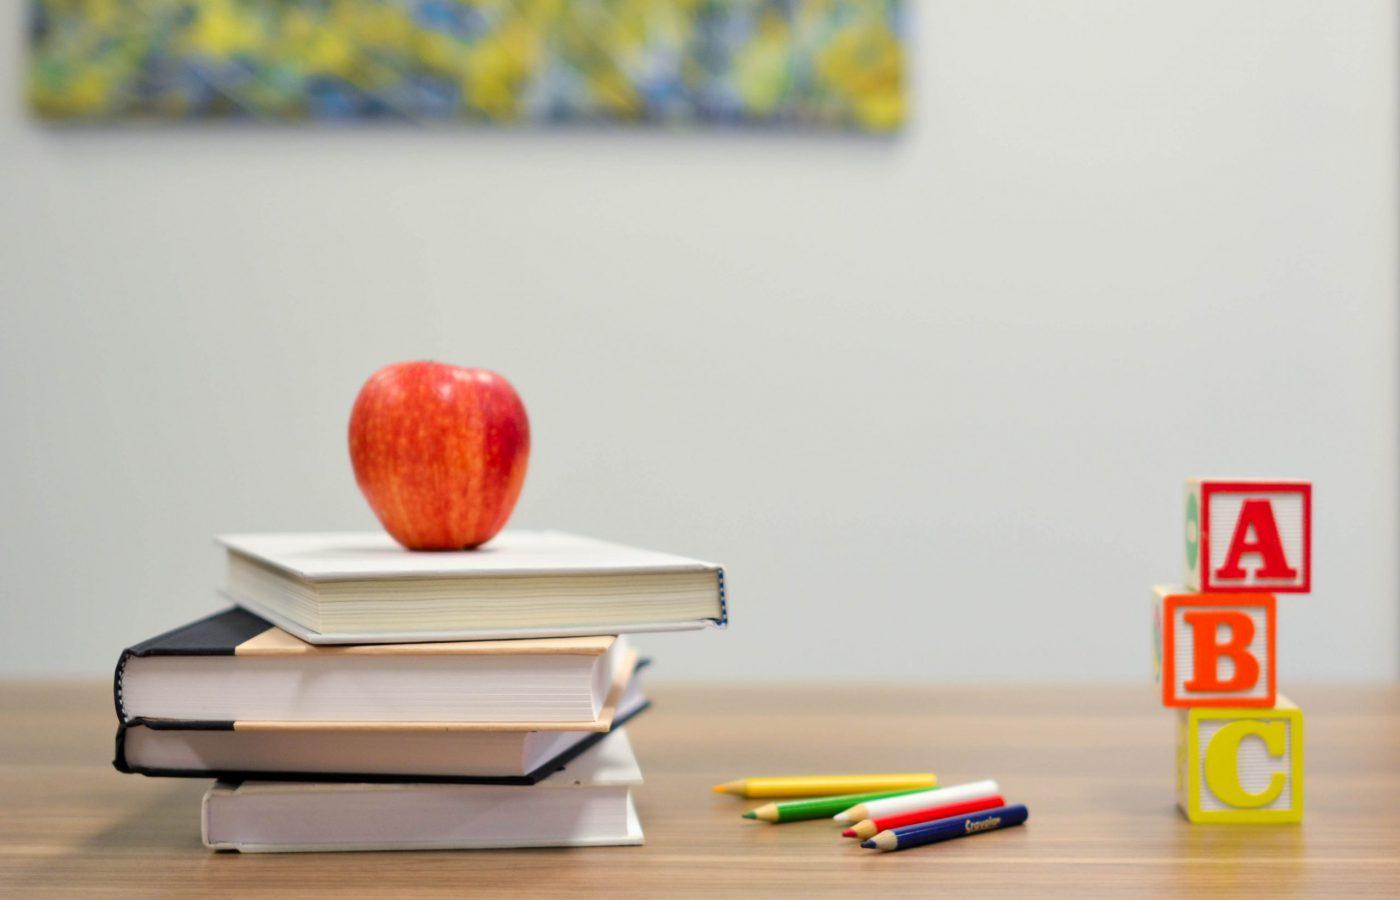 Kuvassa on pino kirjoja, joiden päällä on omena. Kuvassa on kyniä ja aakkospalikoita.